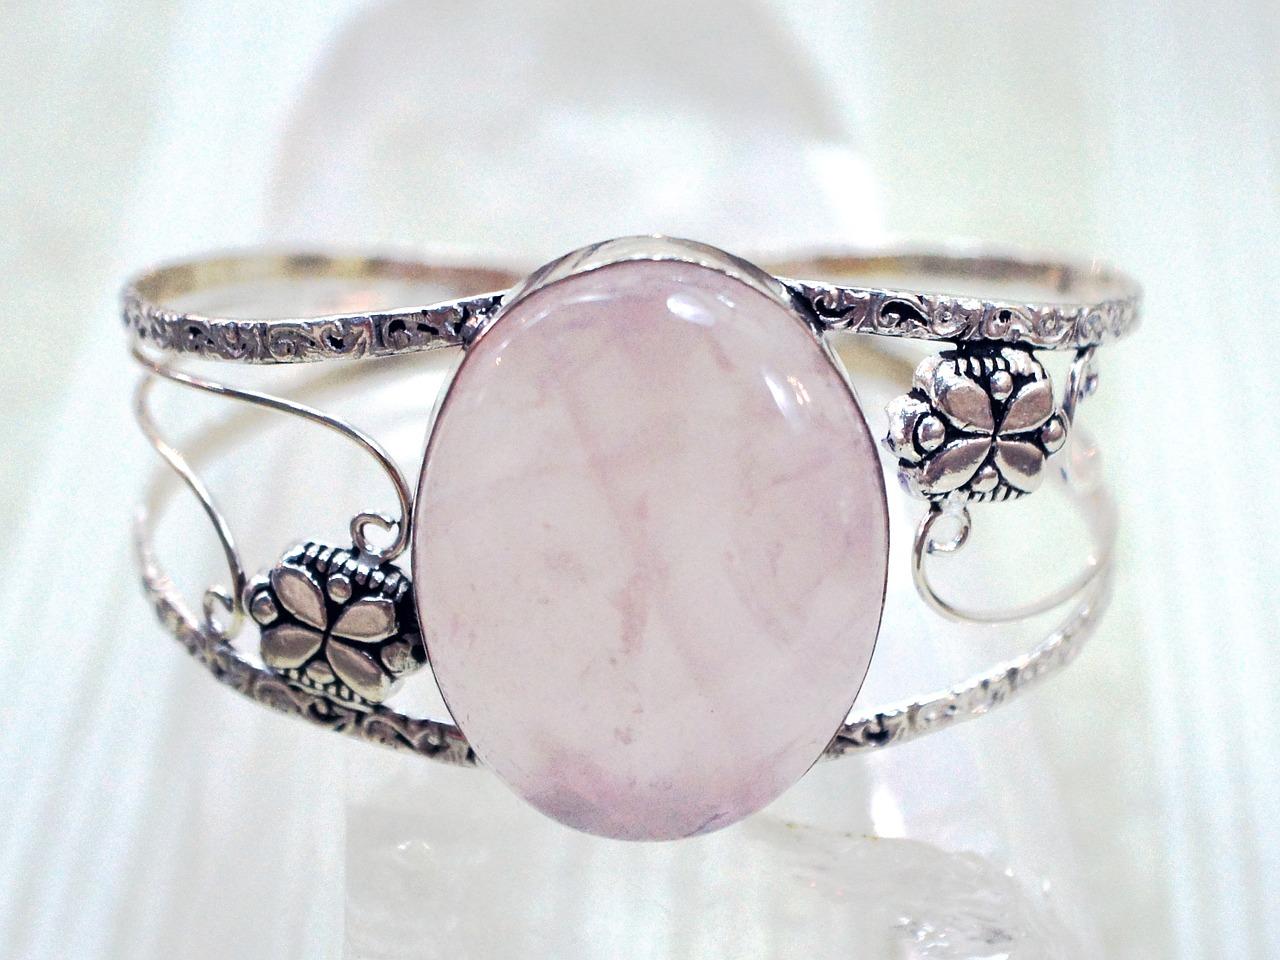 فوائد حجر الكوارتز: خاتم مرصع بحجر كوارتز وردي